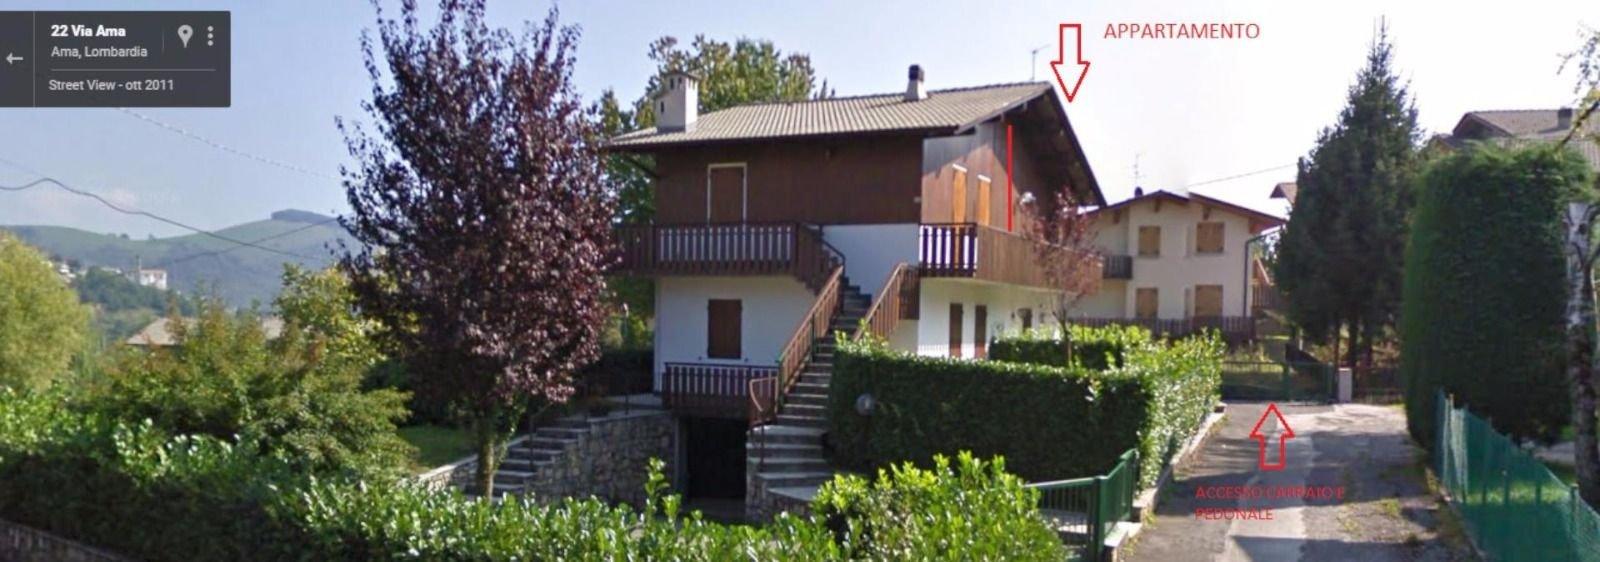 Appartamento con box parva domus - Perizia valore immobile ...